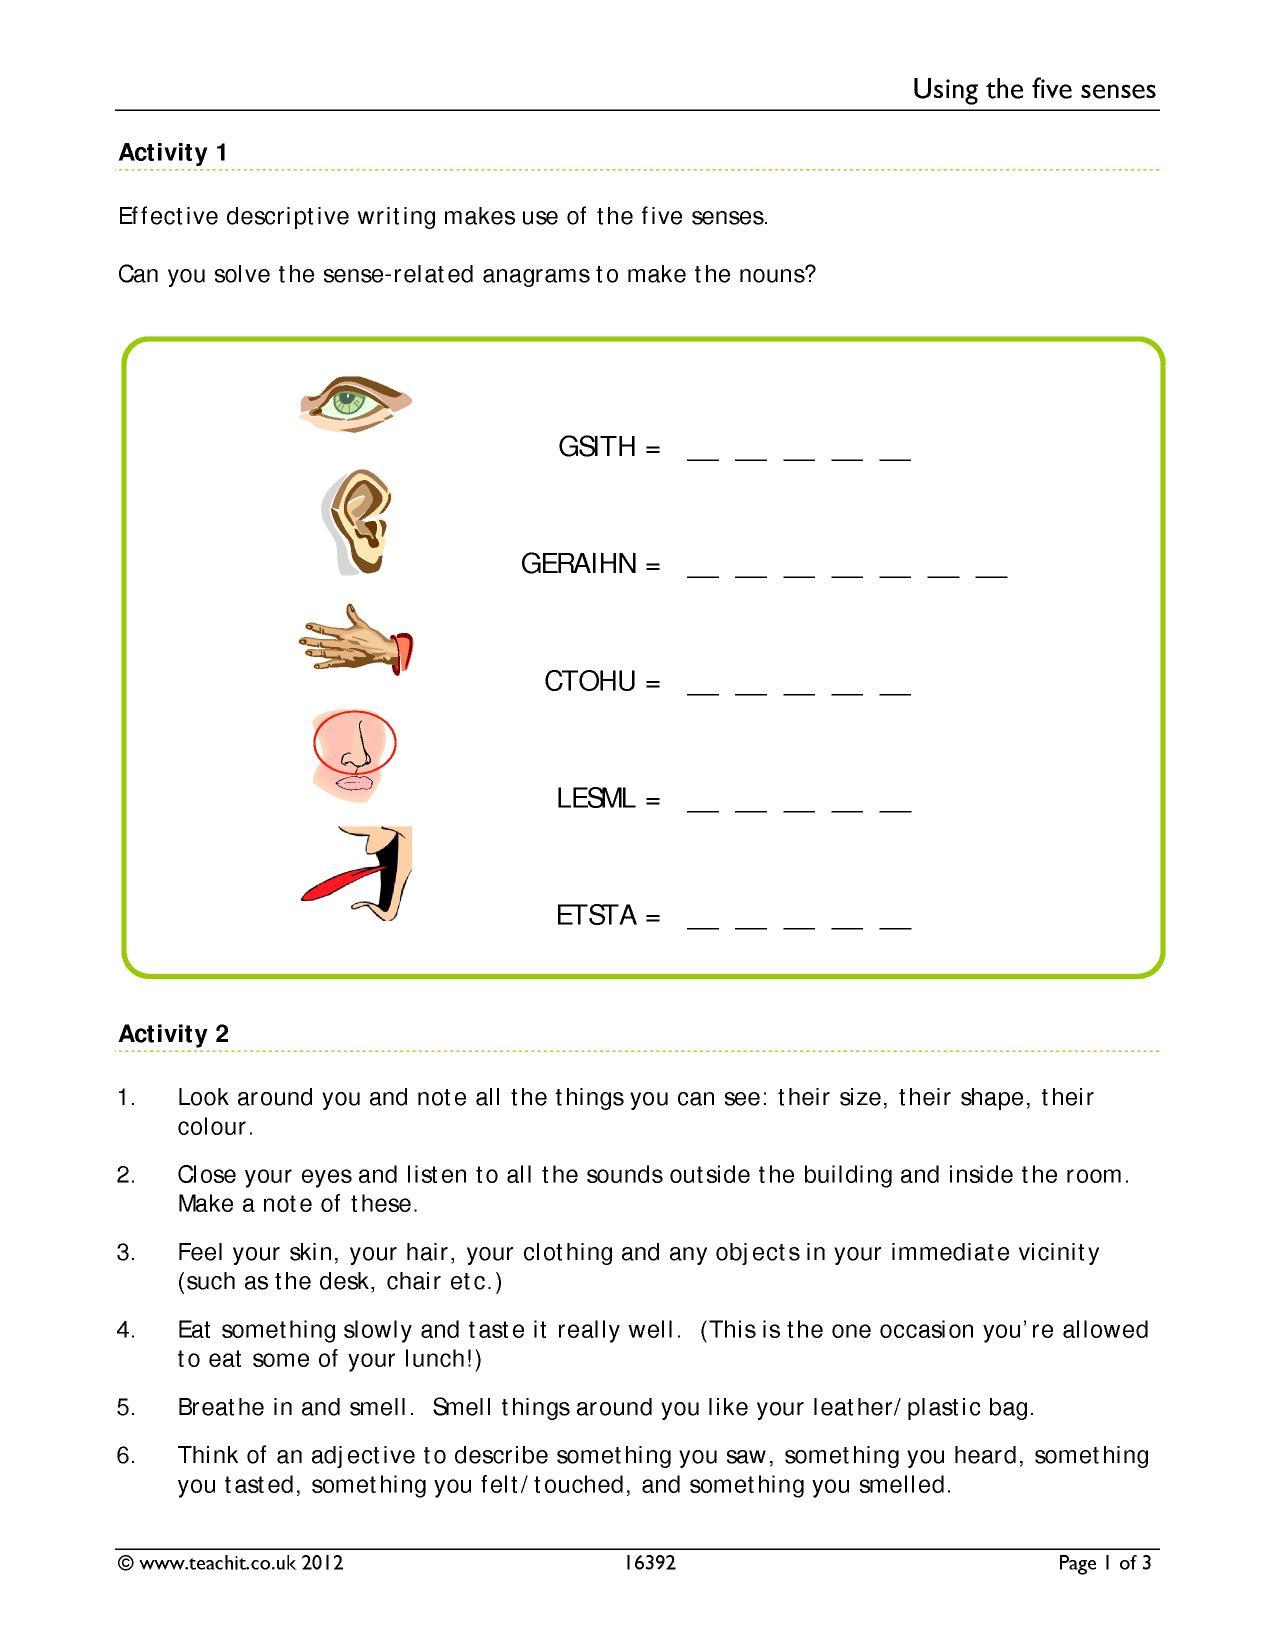 5 Senses Clipart Descriptive Writing 5 Senses Descriptive